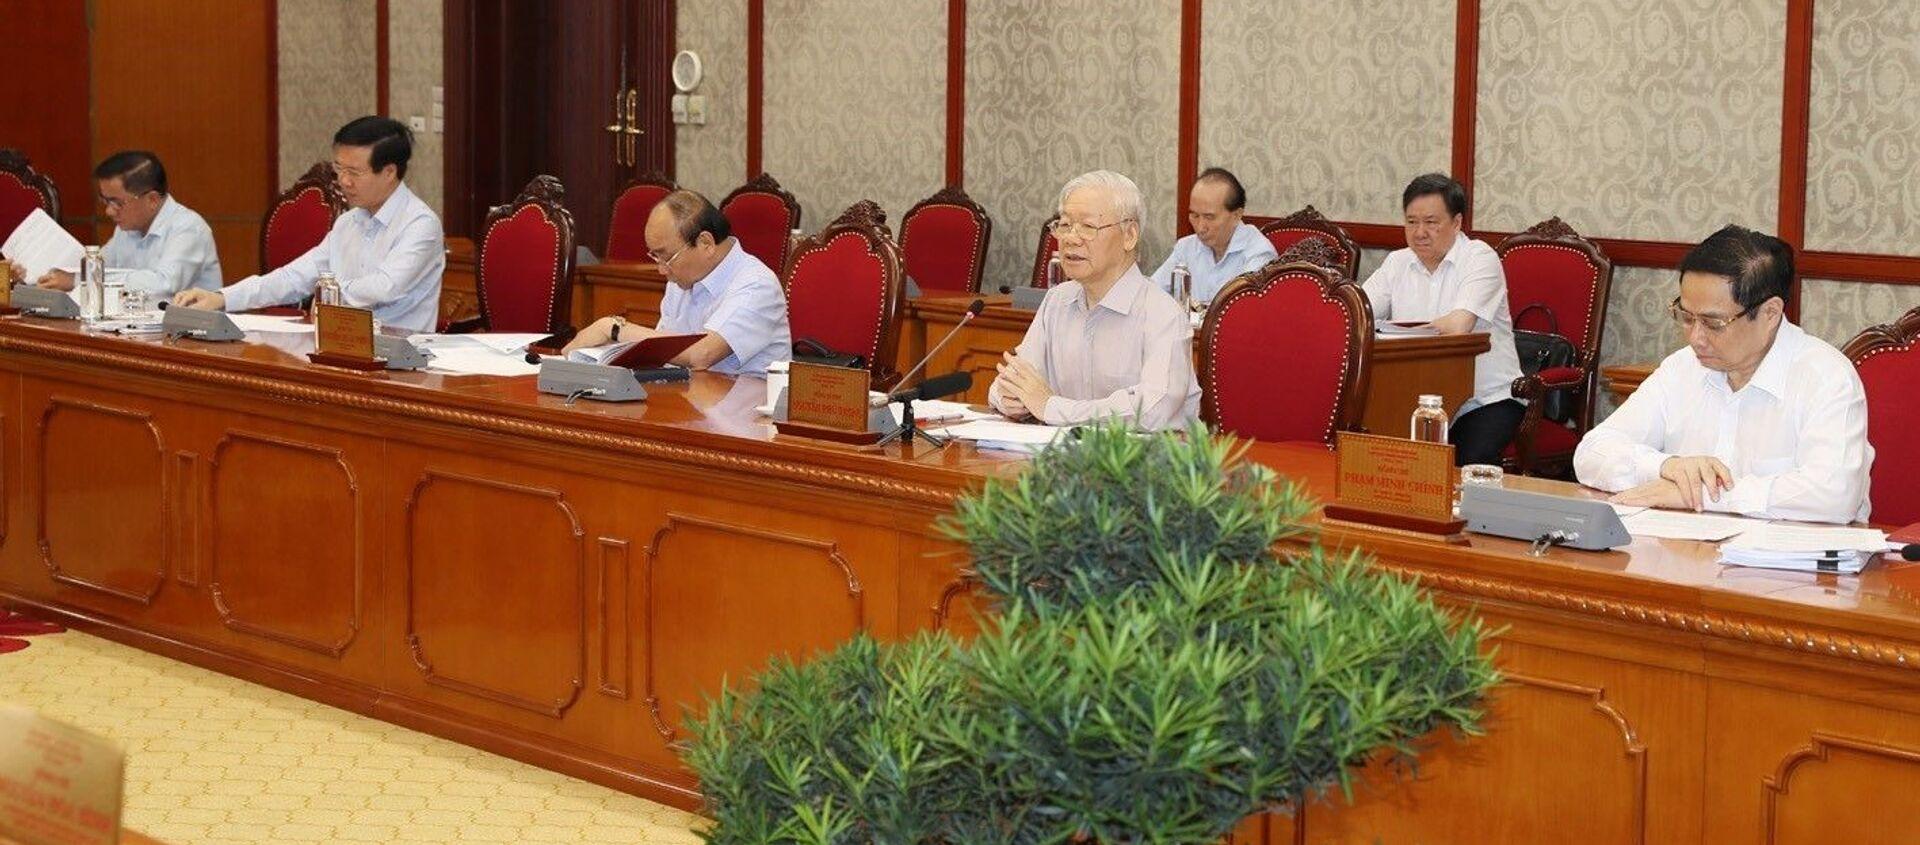 Tổng Bí thư Nguyễn Phú Trọng phát biểu kết luận cuộc họp - Sputnik Việt Nam, 1920, 11.06.2021